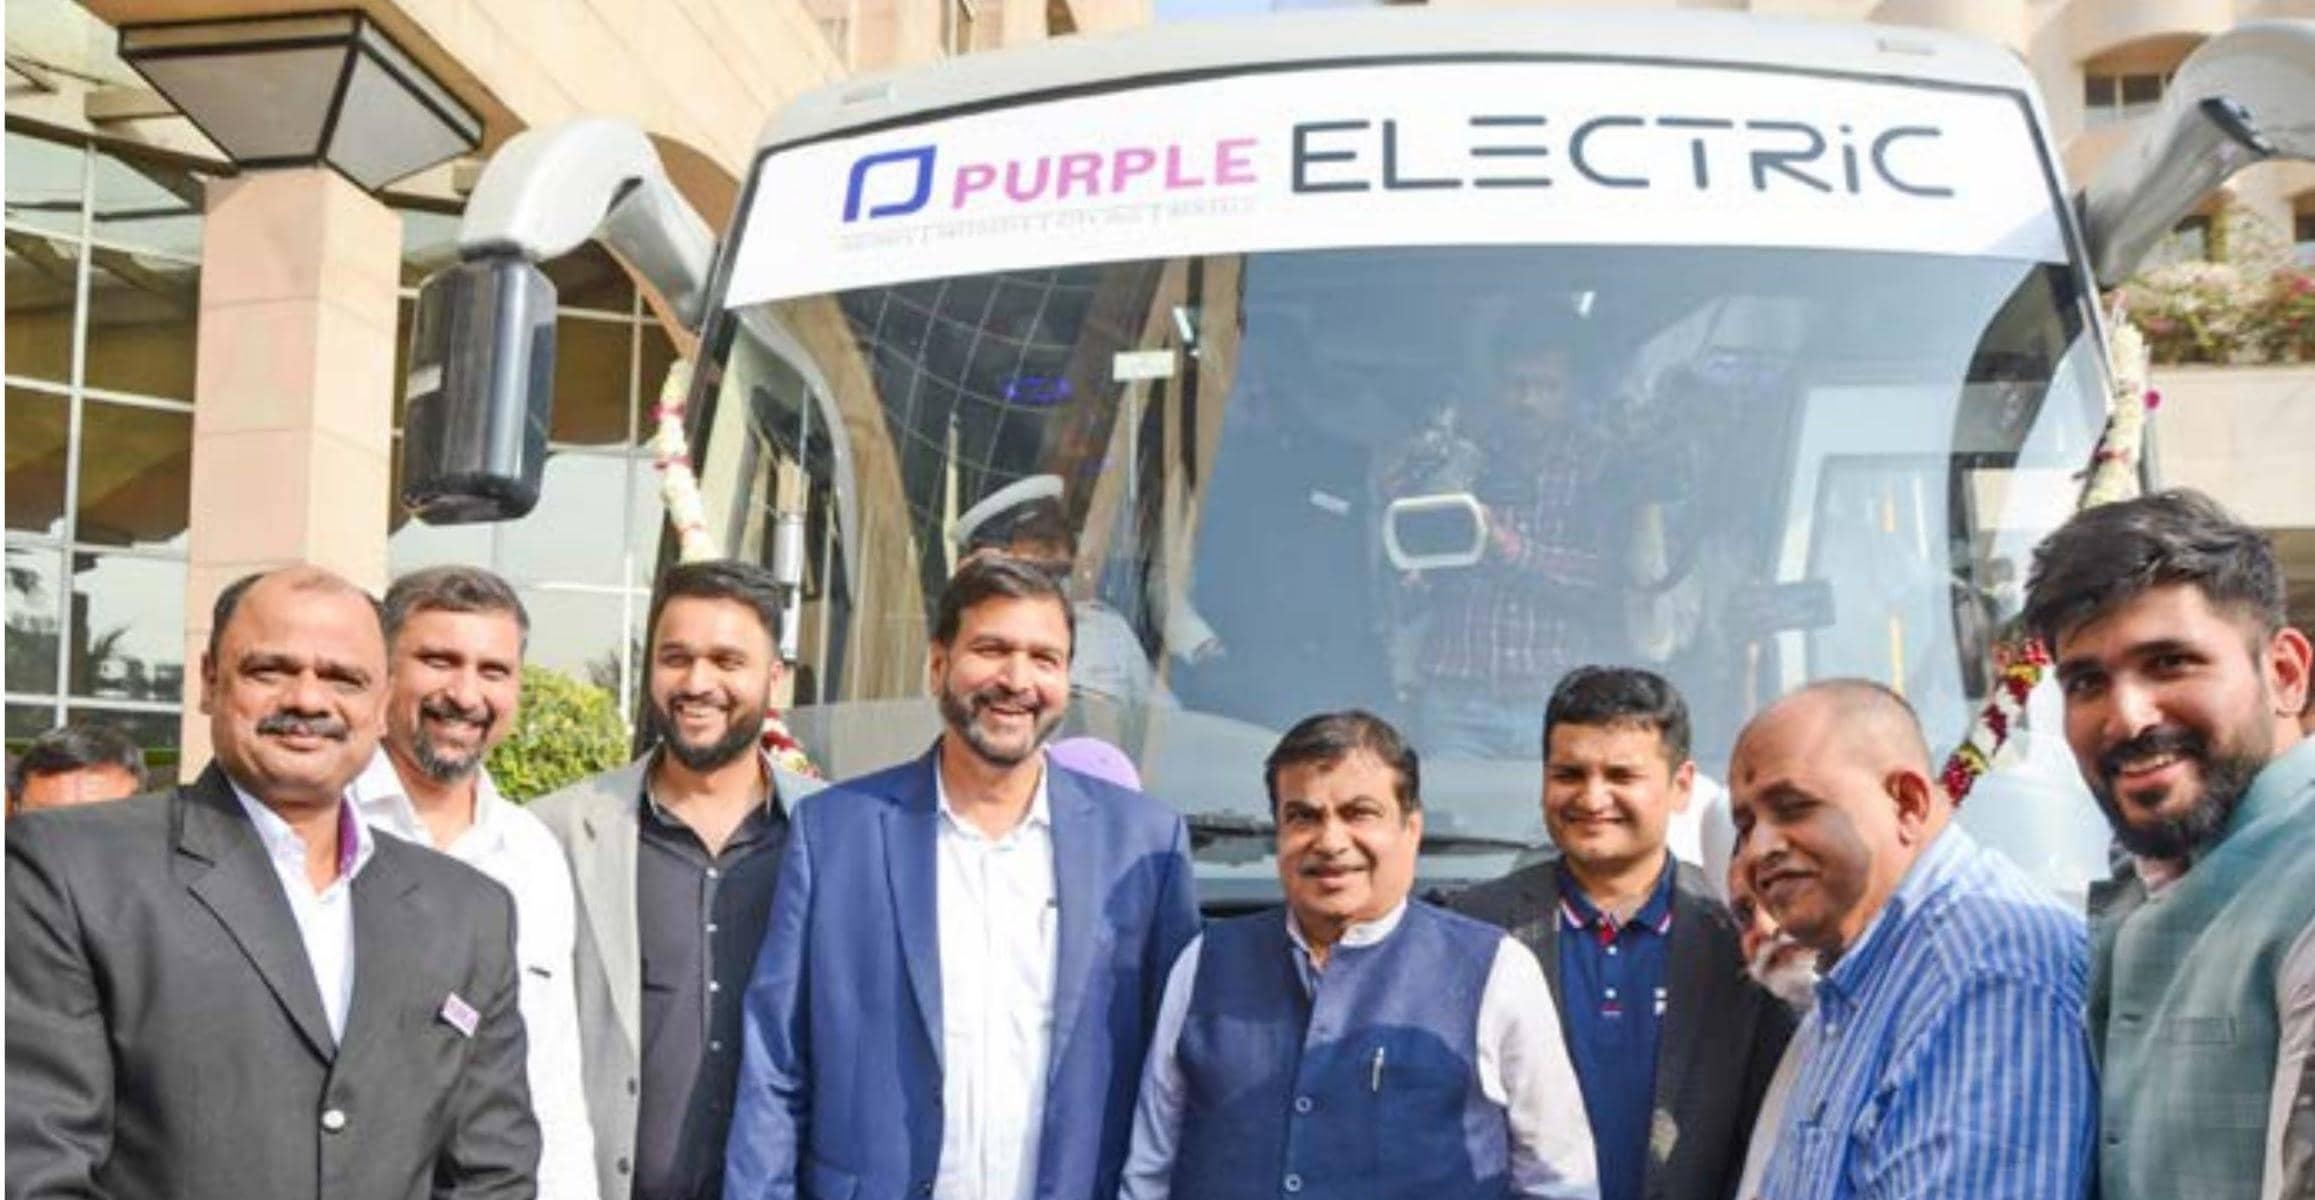 प्रसन्ना पर्पल करेगी भारत की पहली इंटर-सिटी इलेक्ट्रिक बस सेवा का संचालन